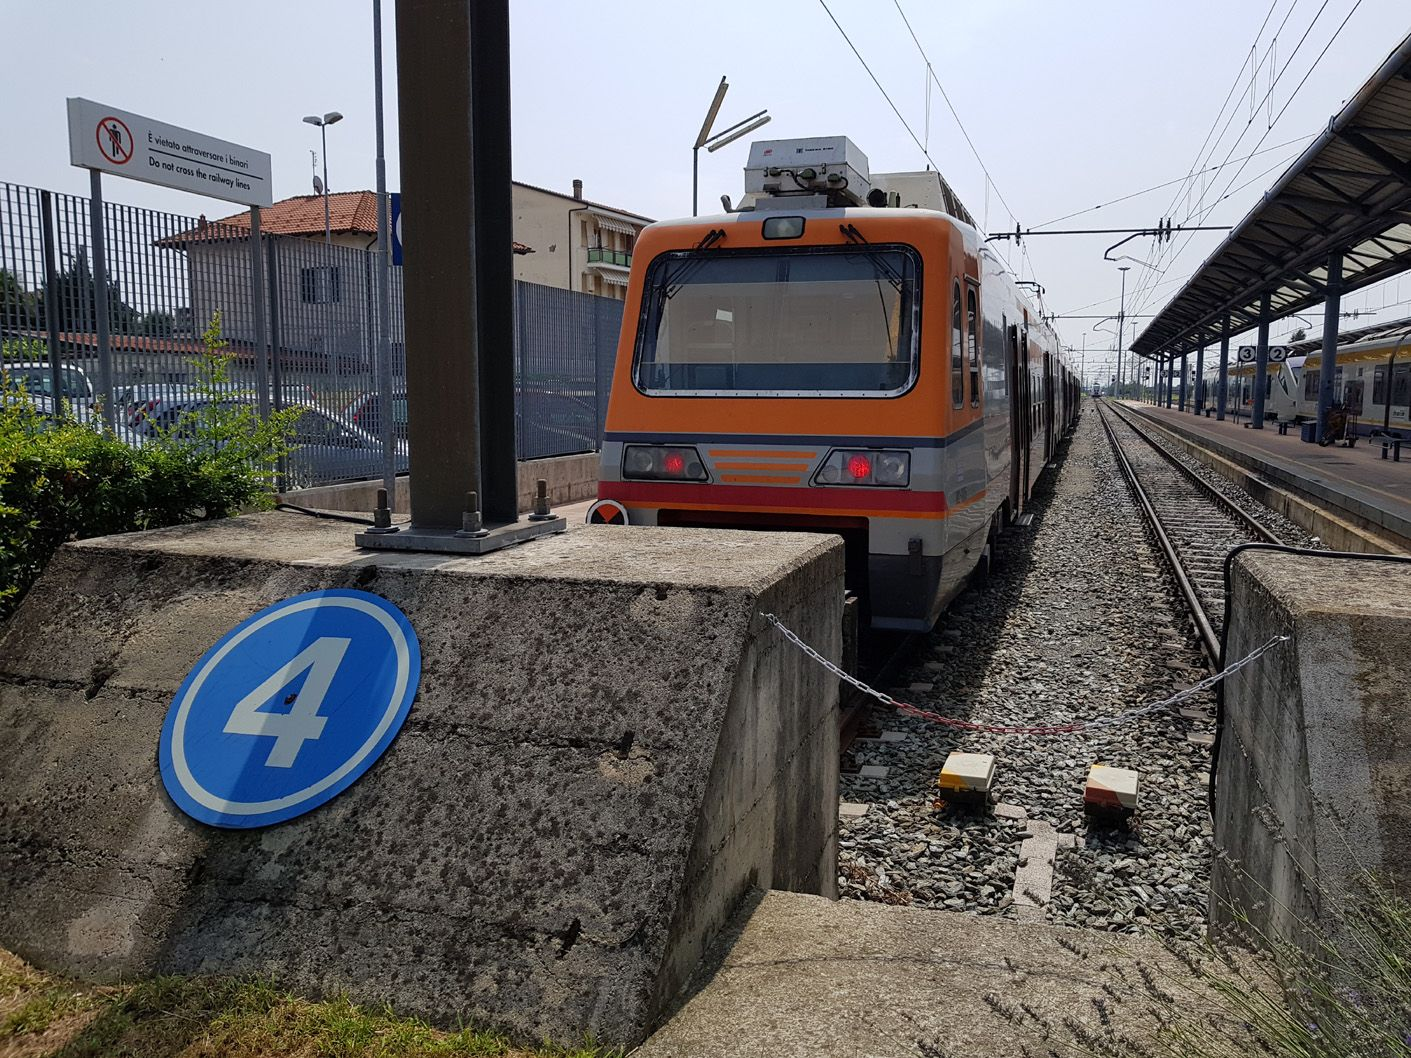 FERROVIA CANAVESANA - Il treno si rompe a Settimo: i passeggeri restano sul marciapiede al freddo